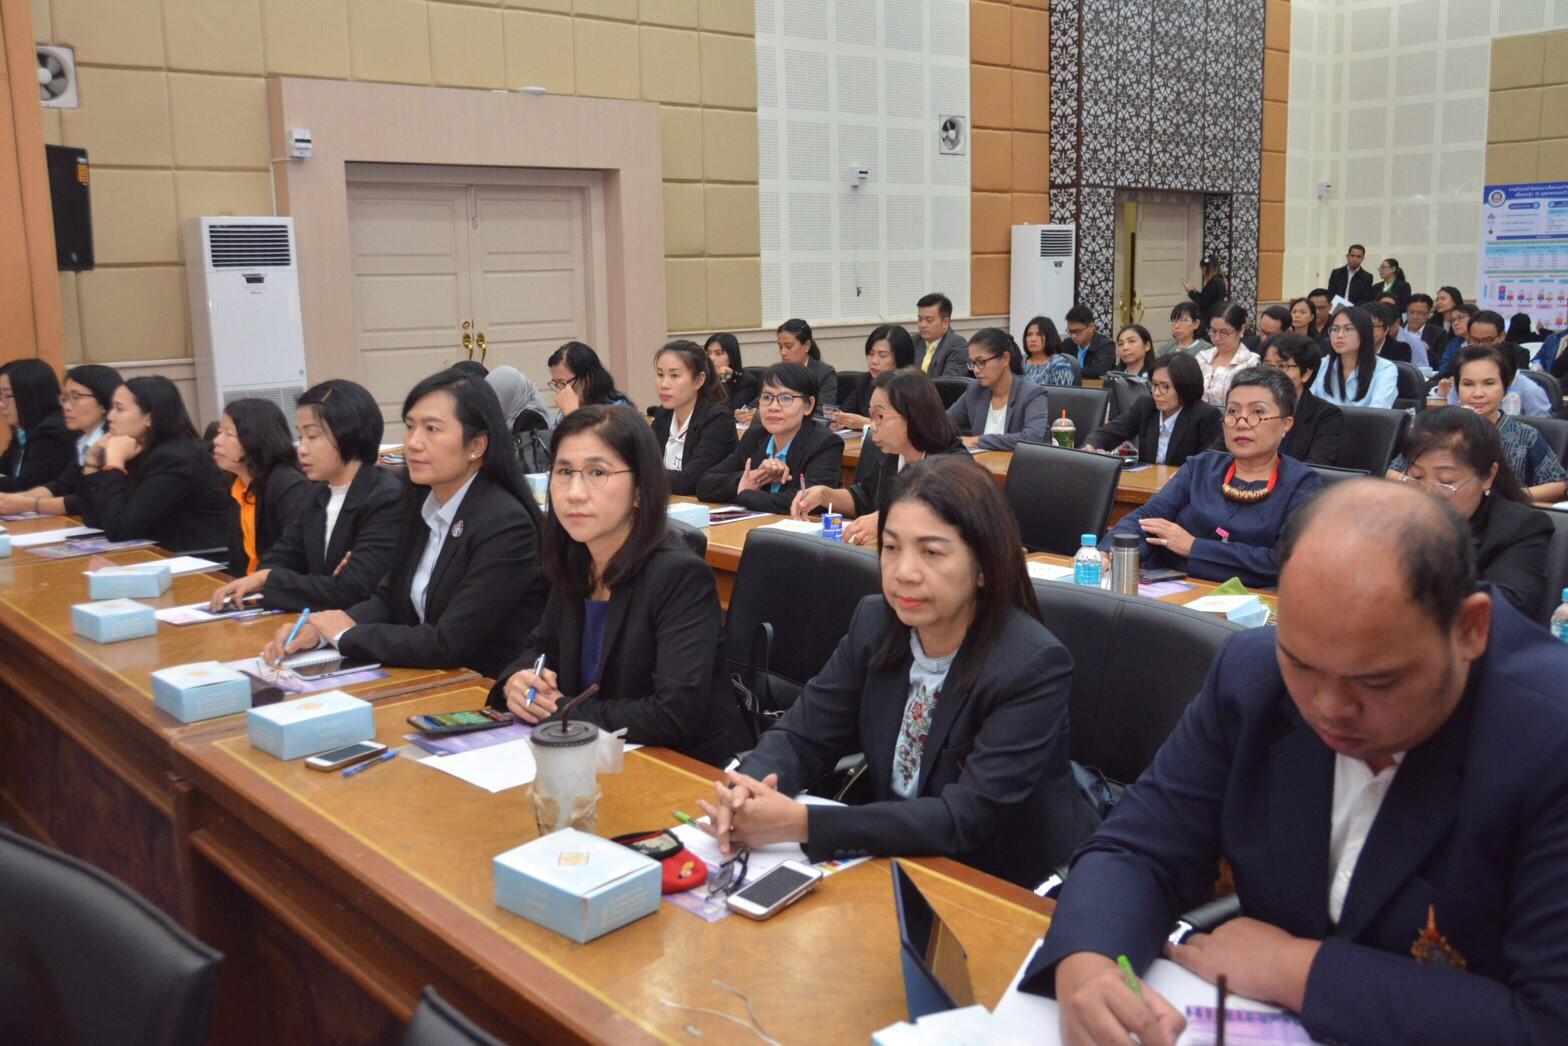 """กระทรวงแรงงาน จัดสัมมนาวิชาการ """"อนาคตตลาดแรงงานไทย"""" หวังวางแผนผลิต/พัฒนากำลังแรงงาน ตรงความต้องการตลาด"""